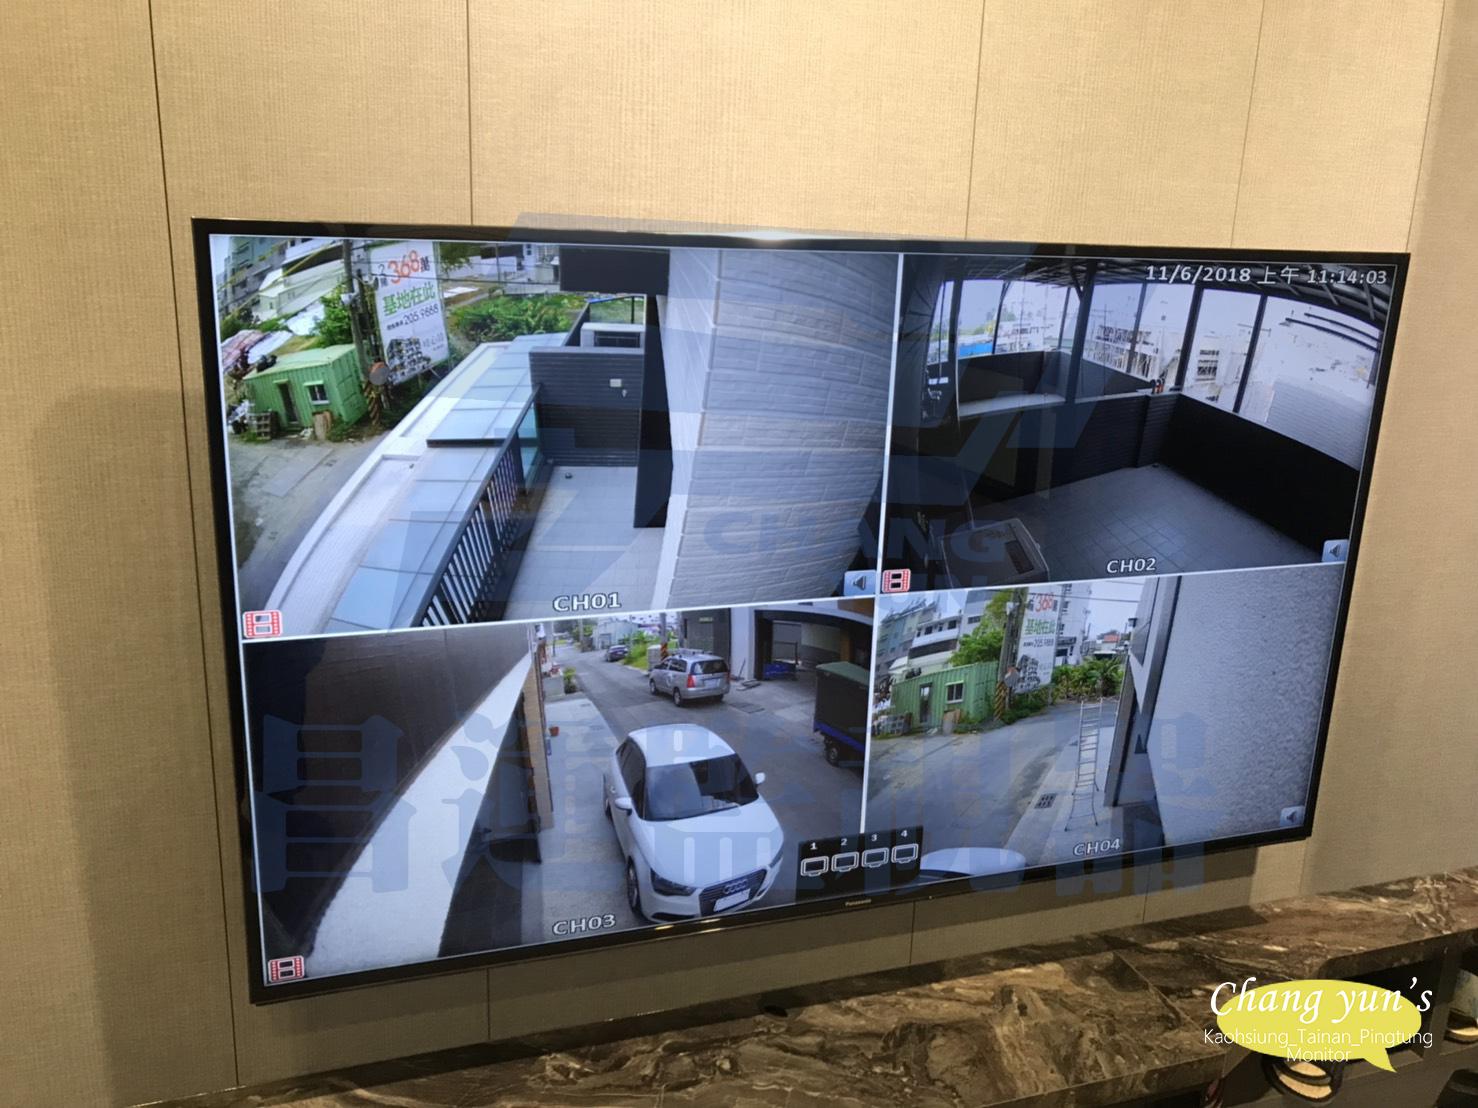 ►台南監視器 200萬高畫數 1080P Full HD 超高解析度◄ 台南市 仁德區 住家 監視器安裝